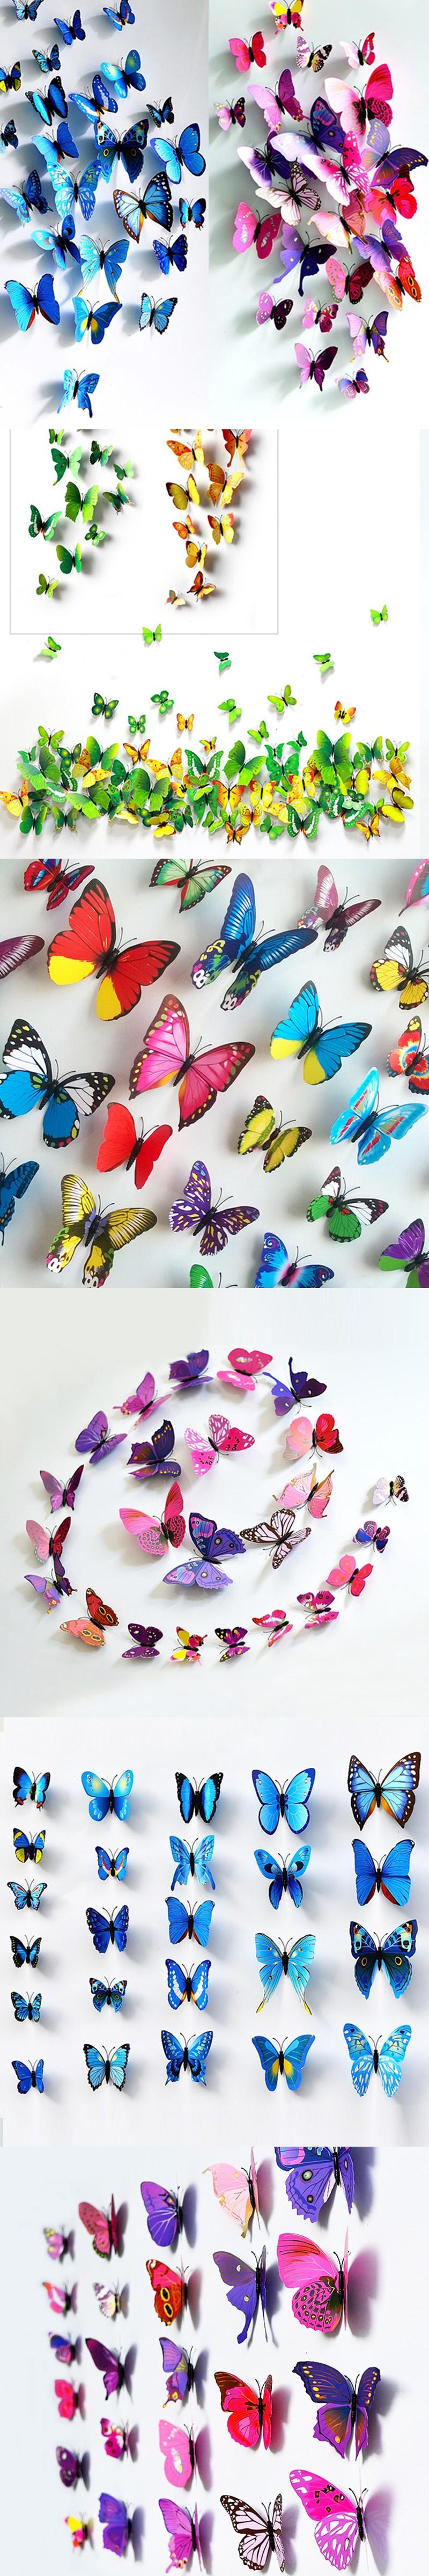 3d butterfly mural wall sticker decor decal pop up stickers art - 12pcs Pvc 3d Butterfly Wall Decor Cute Butterflies Wall Stickers Art Decals Home Decoration